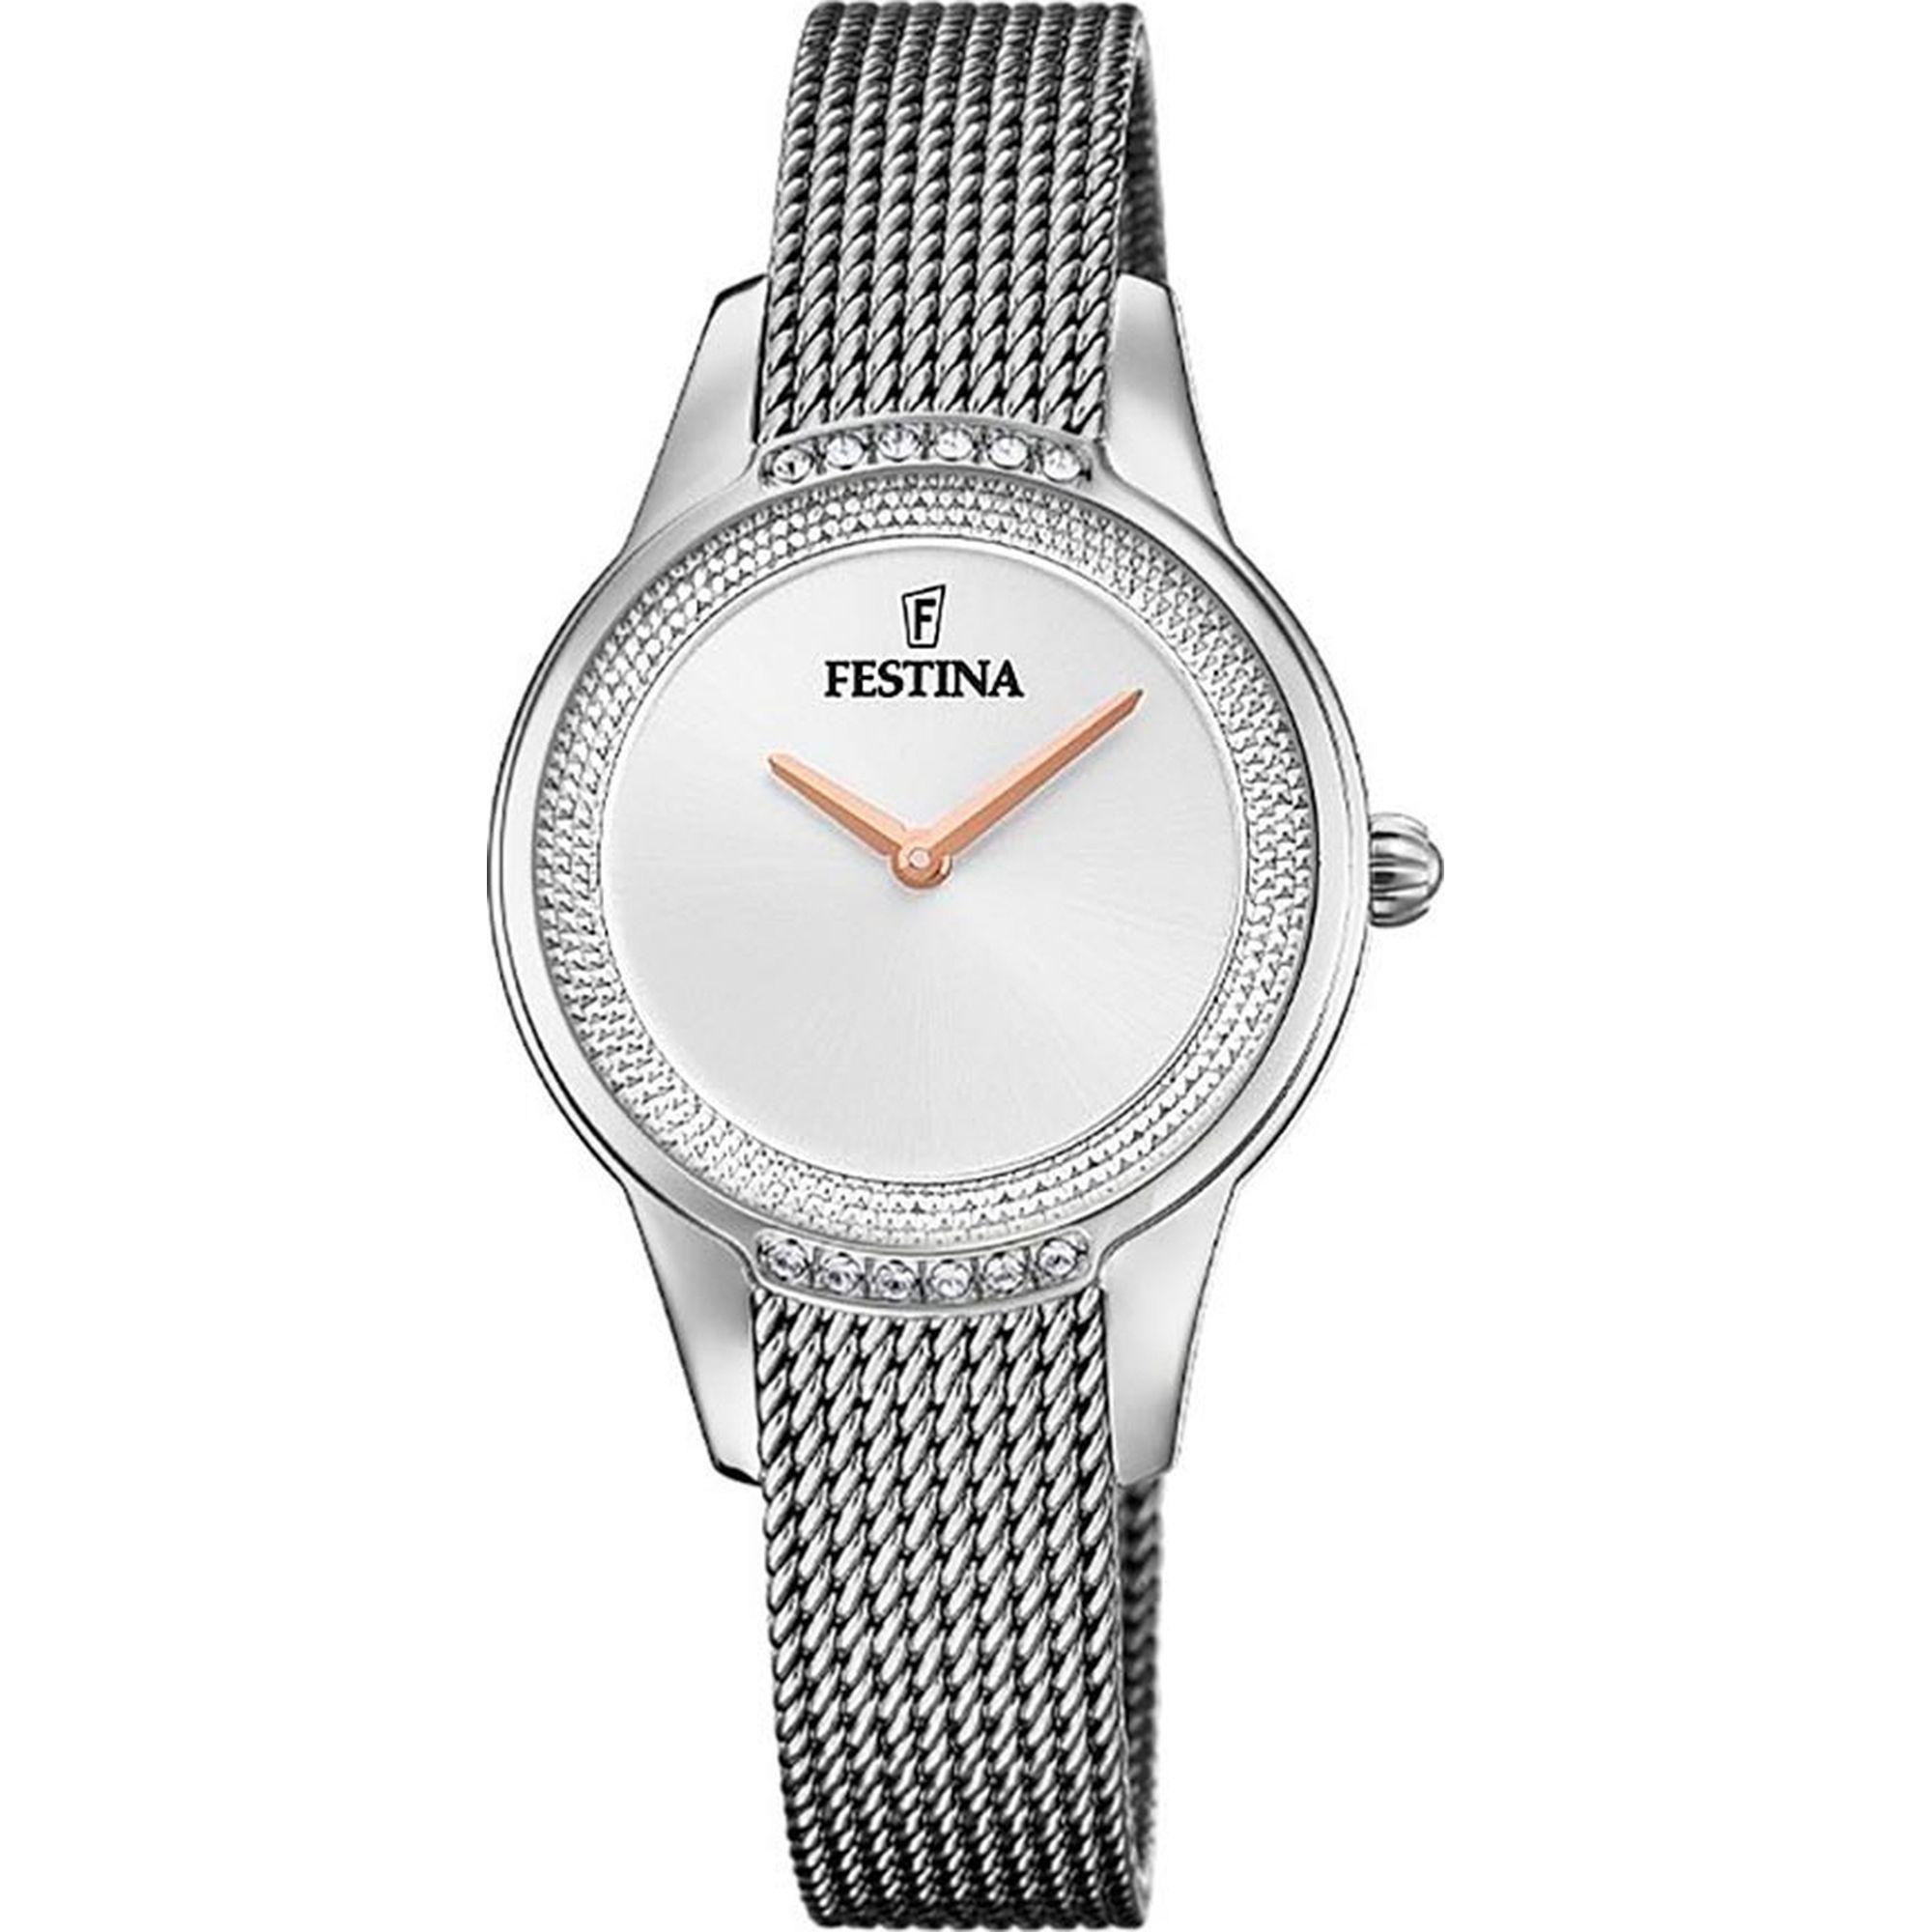 Ρολόι Festina με Ασημί Καντράν F20494/1